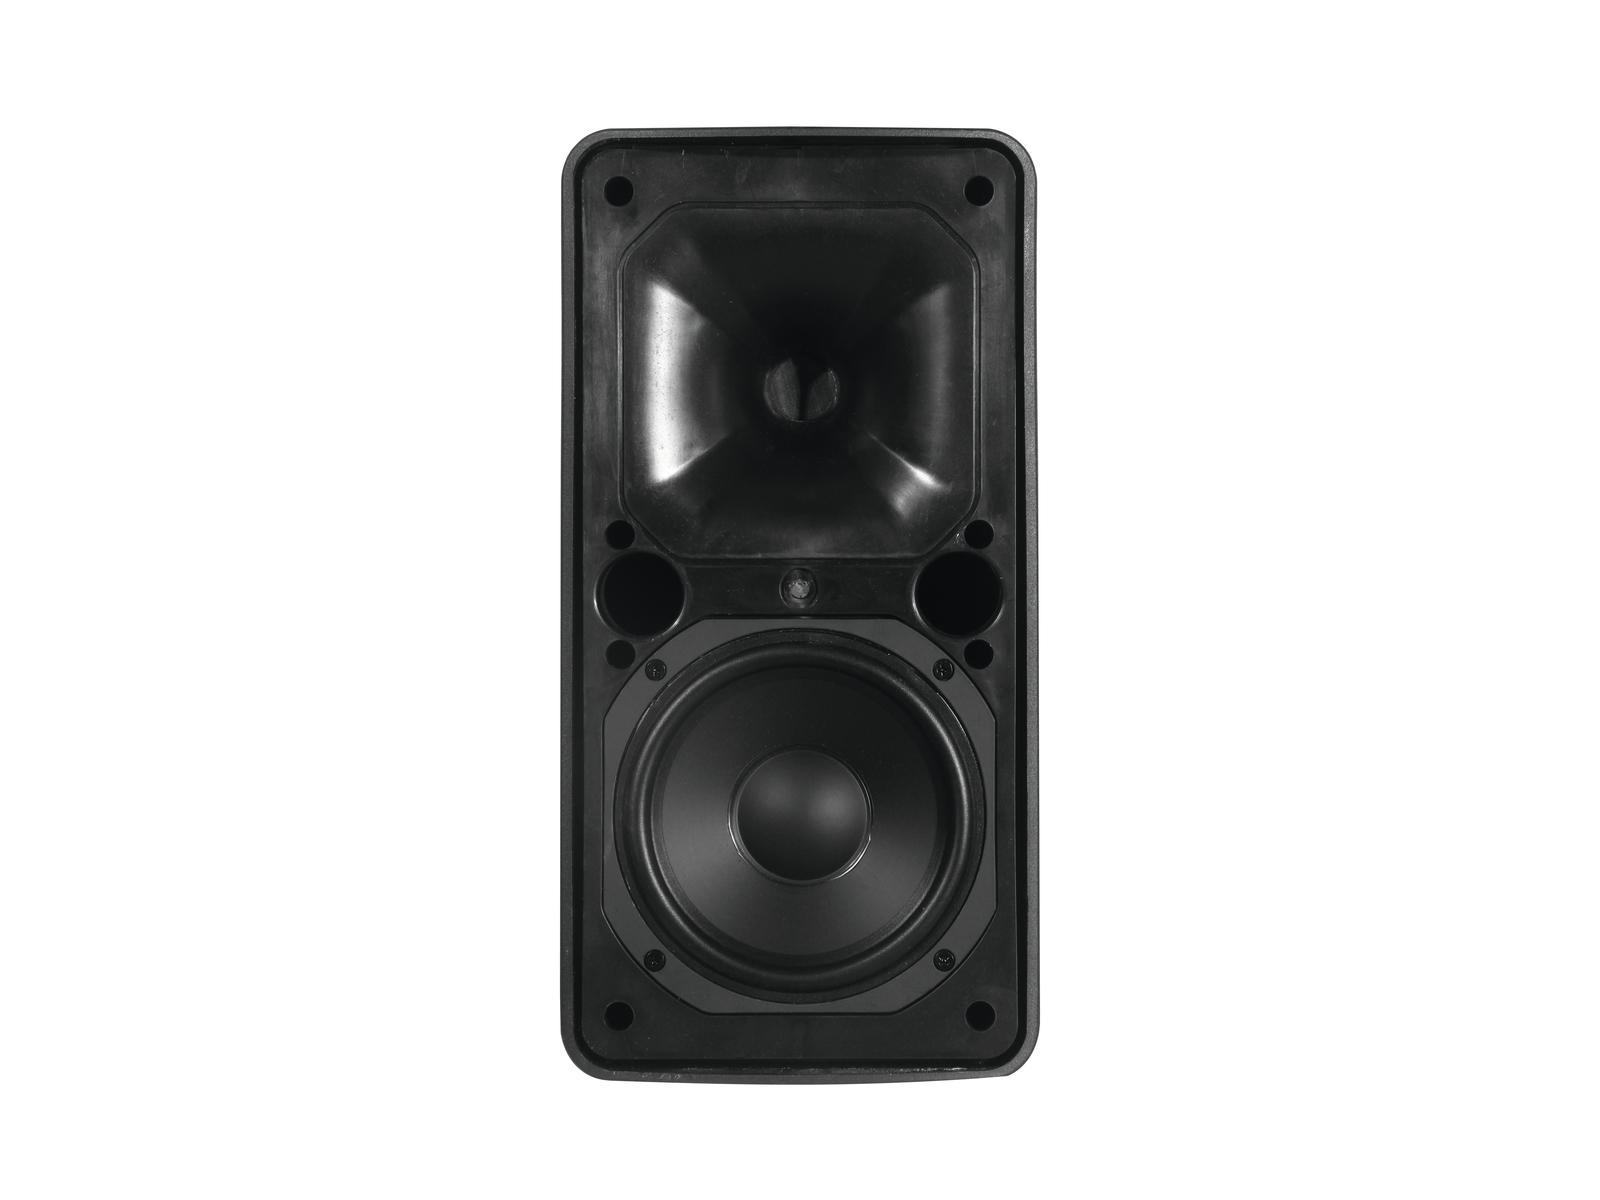 OMNITRONIC ODP-206 Installationslautsprecher 16 Ohm schwarz 2x